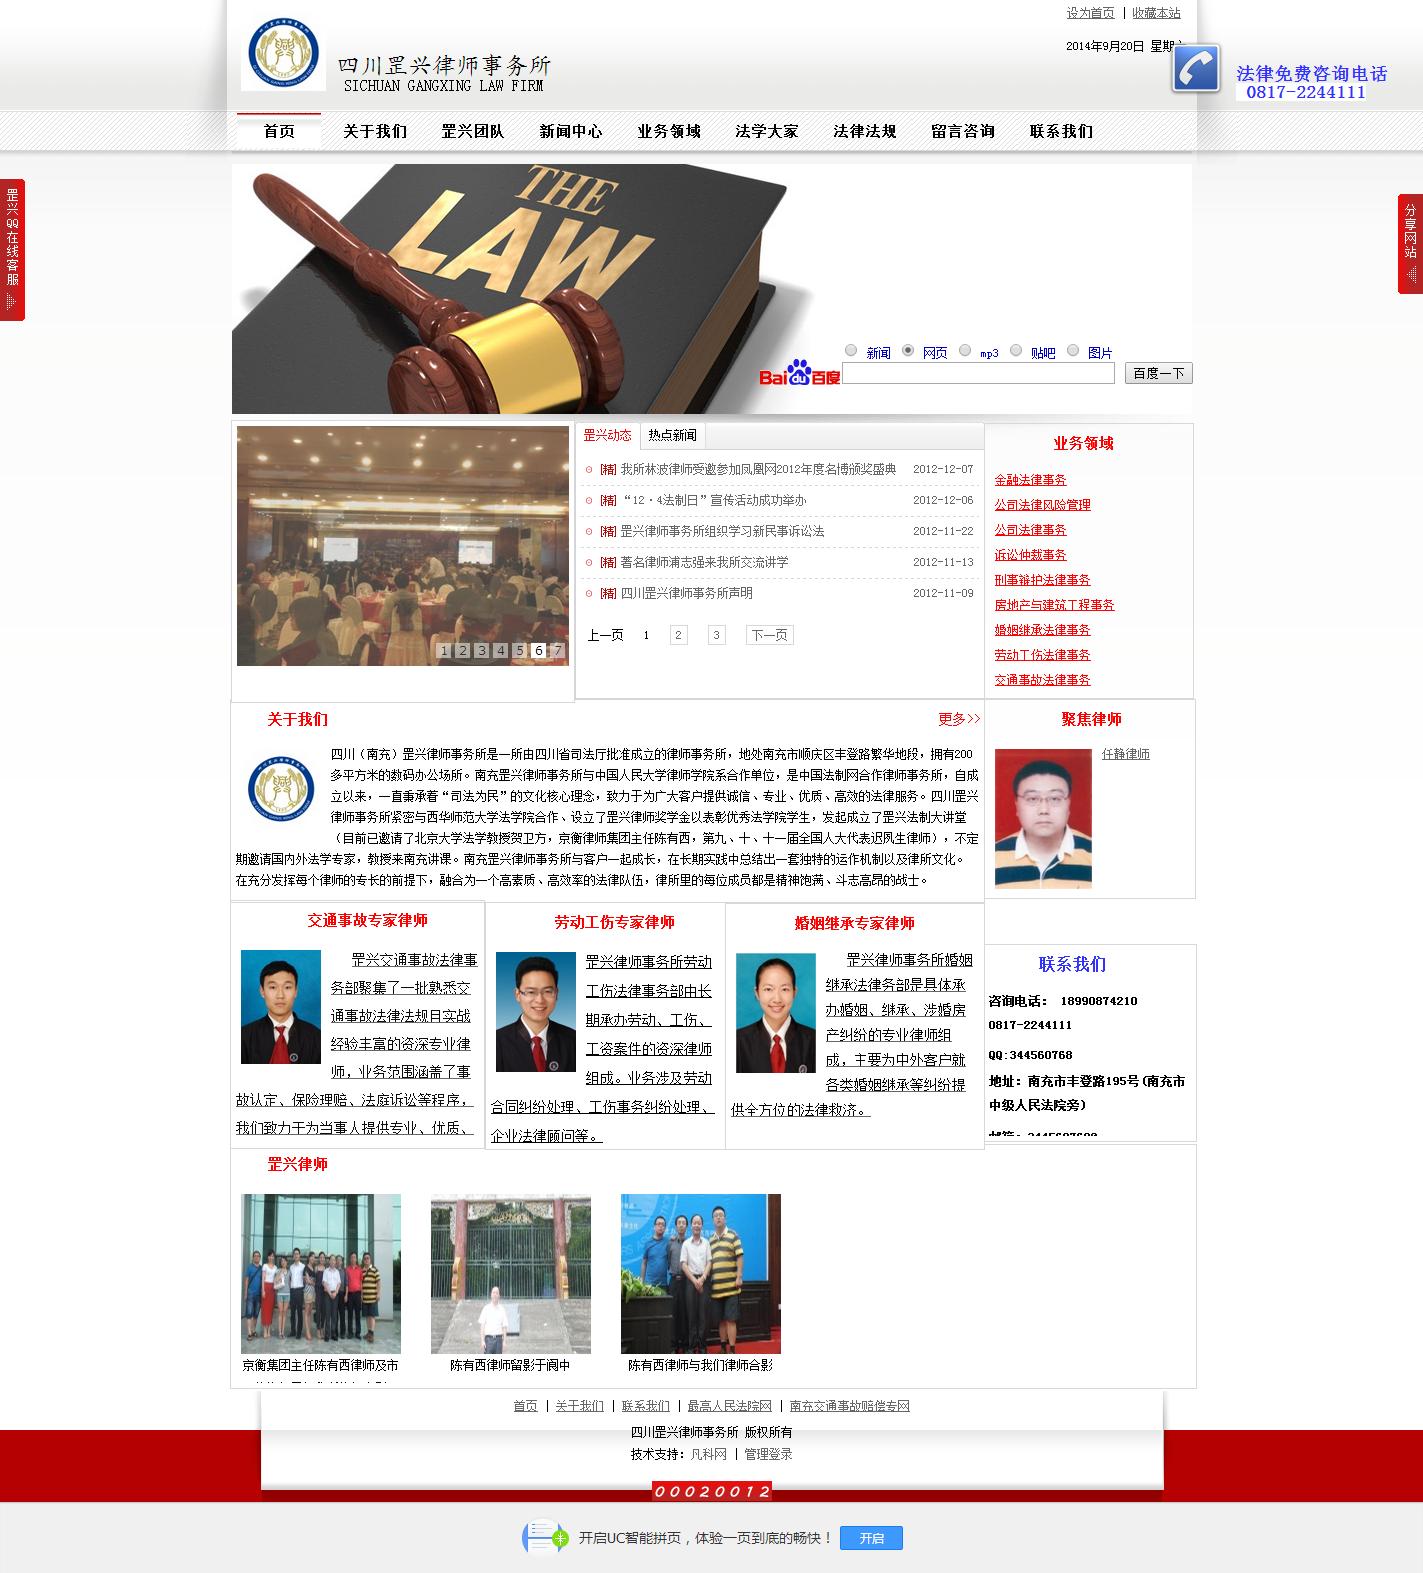 【四川省十佳律師事務所】罡興律師集團